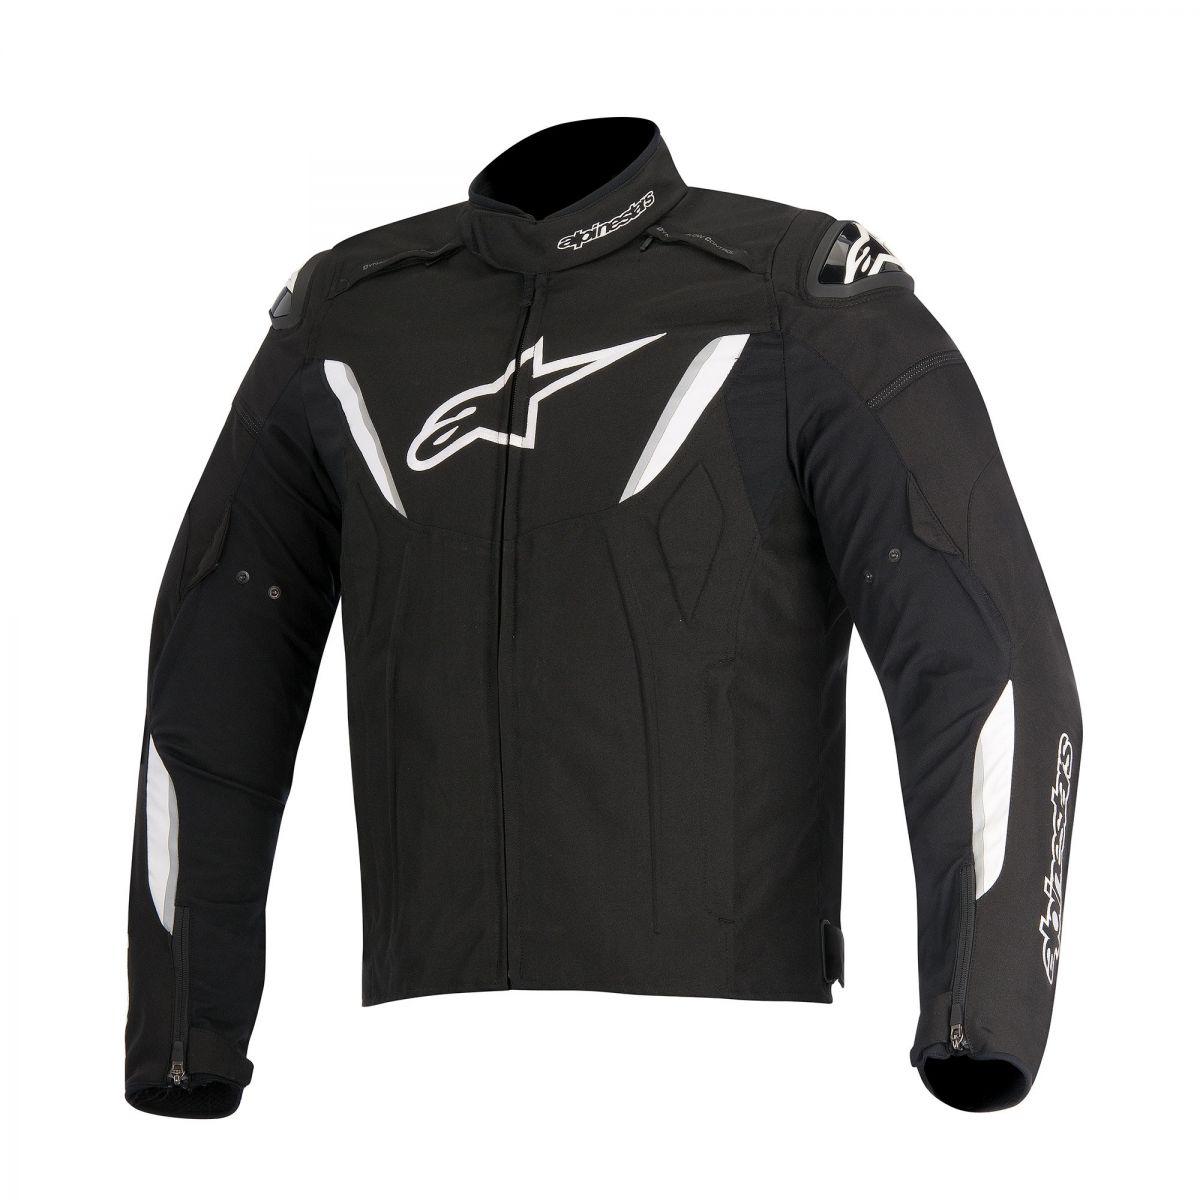 Jaqueta Alpinestars T GP R WP (Black White/ Imperme�vel) NOVO  - Super Bike - Loja Oficial Alpinestars